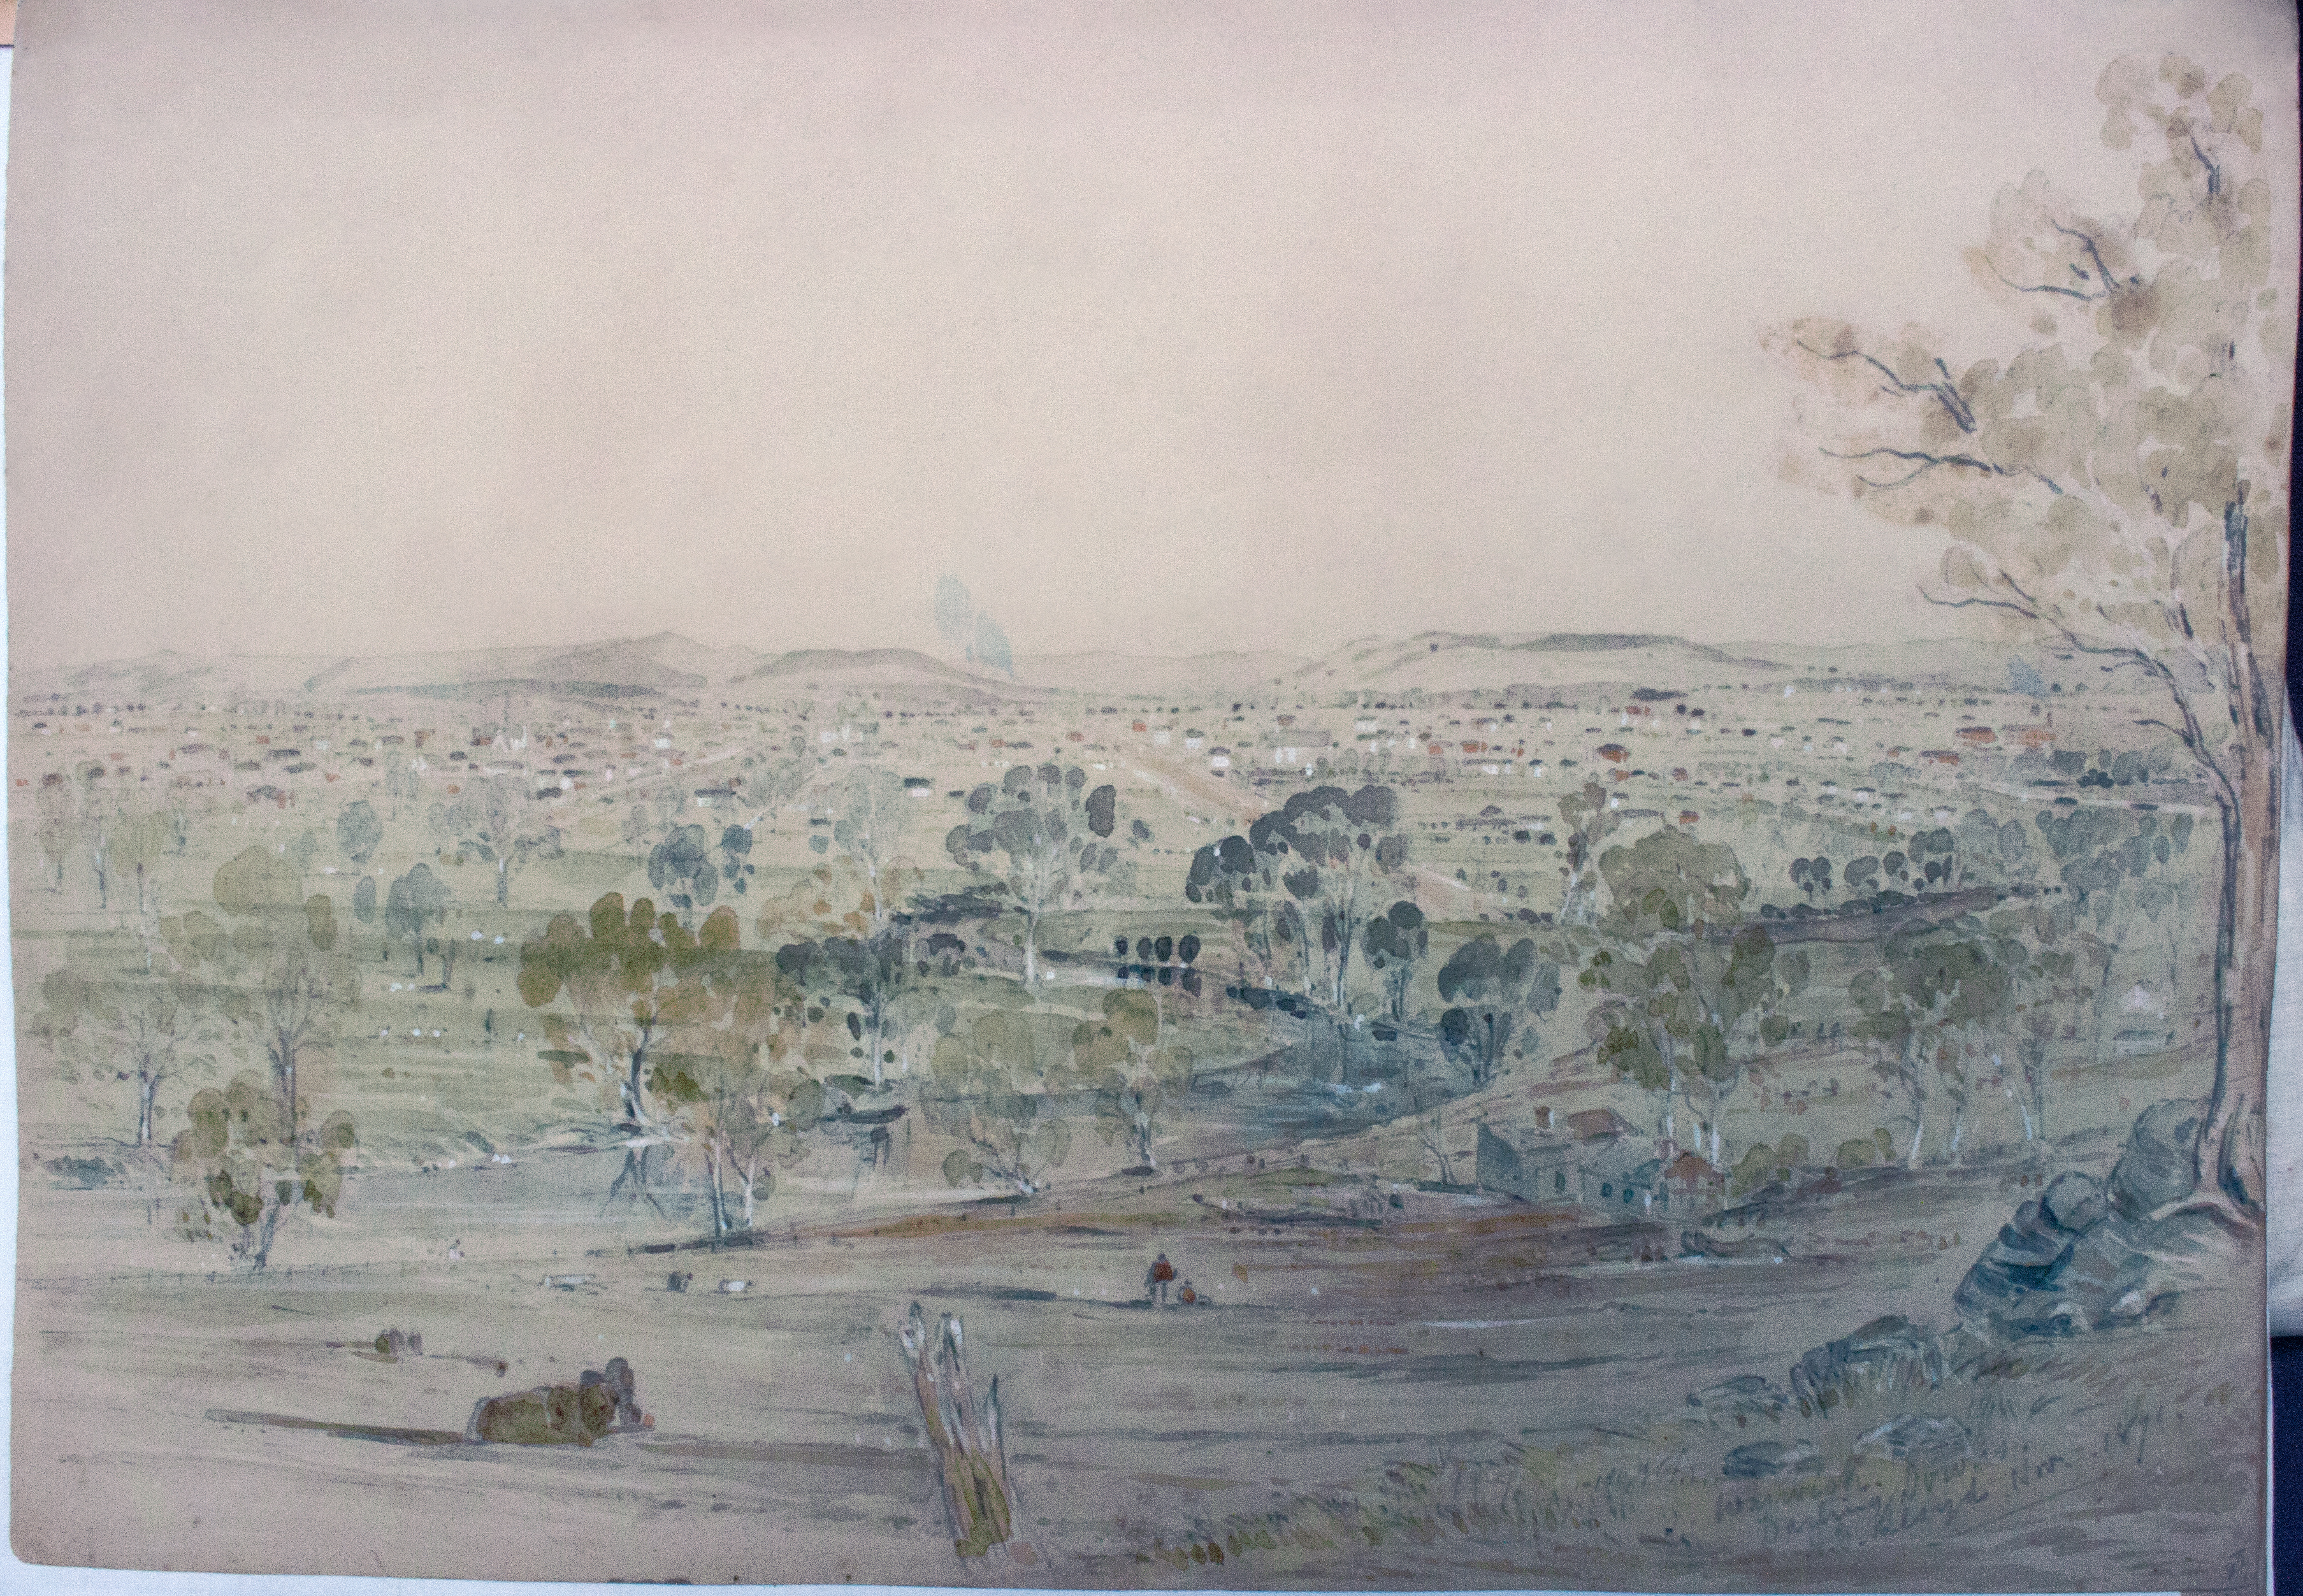 18711107 Warwick Darling Downs PX*D28 f.12